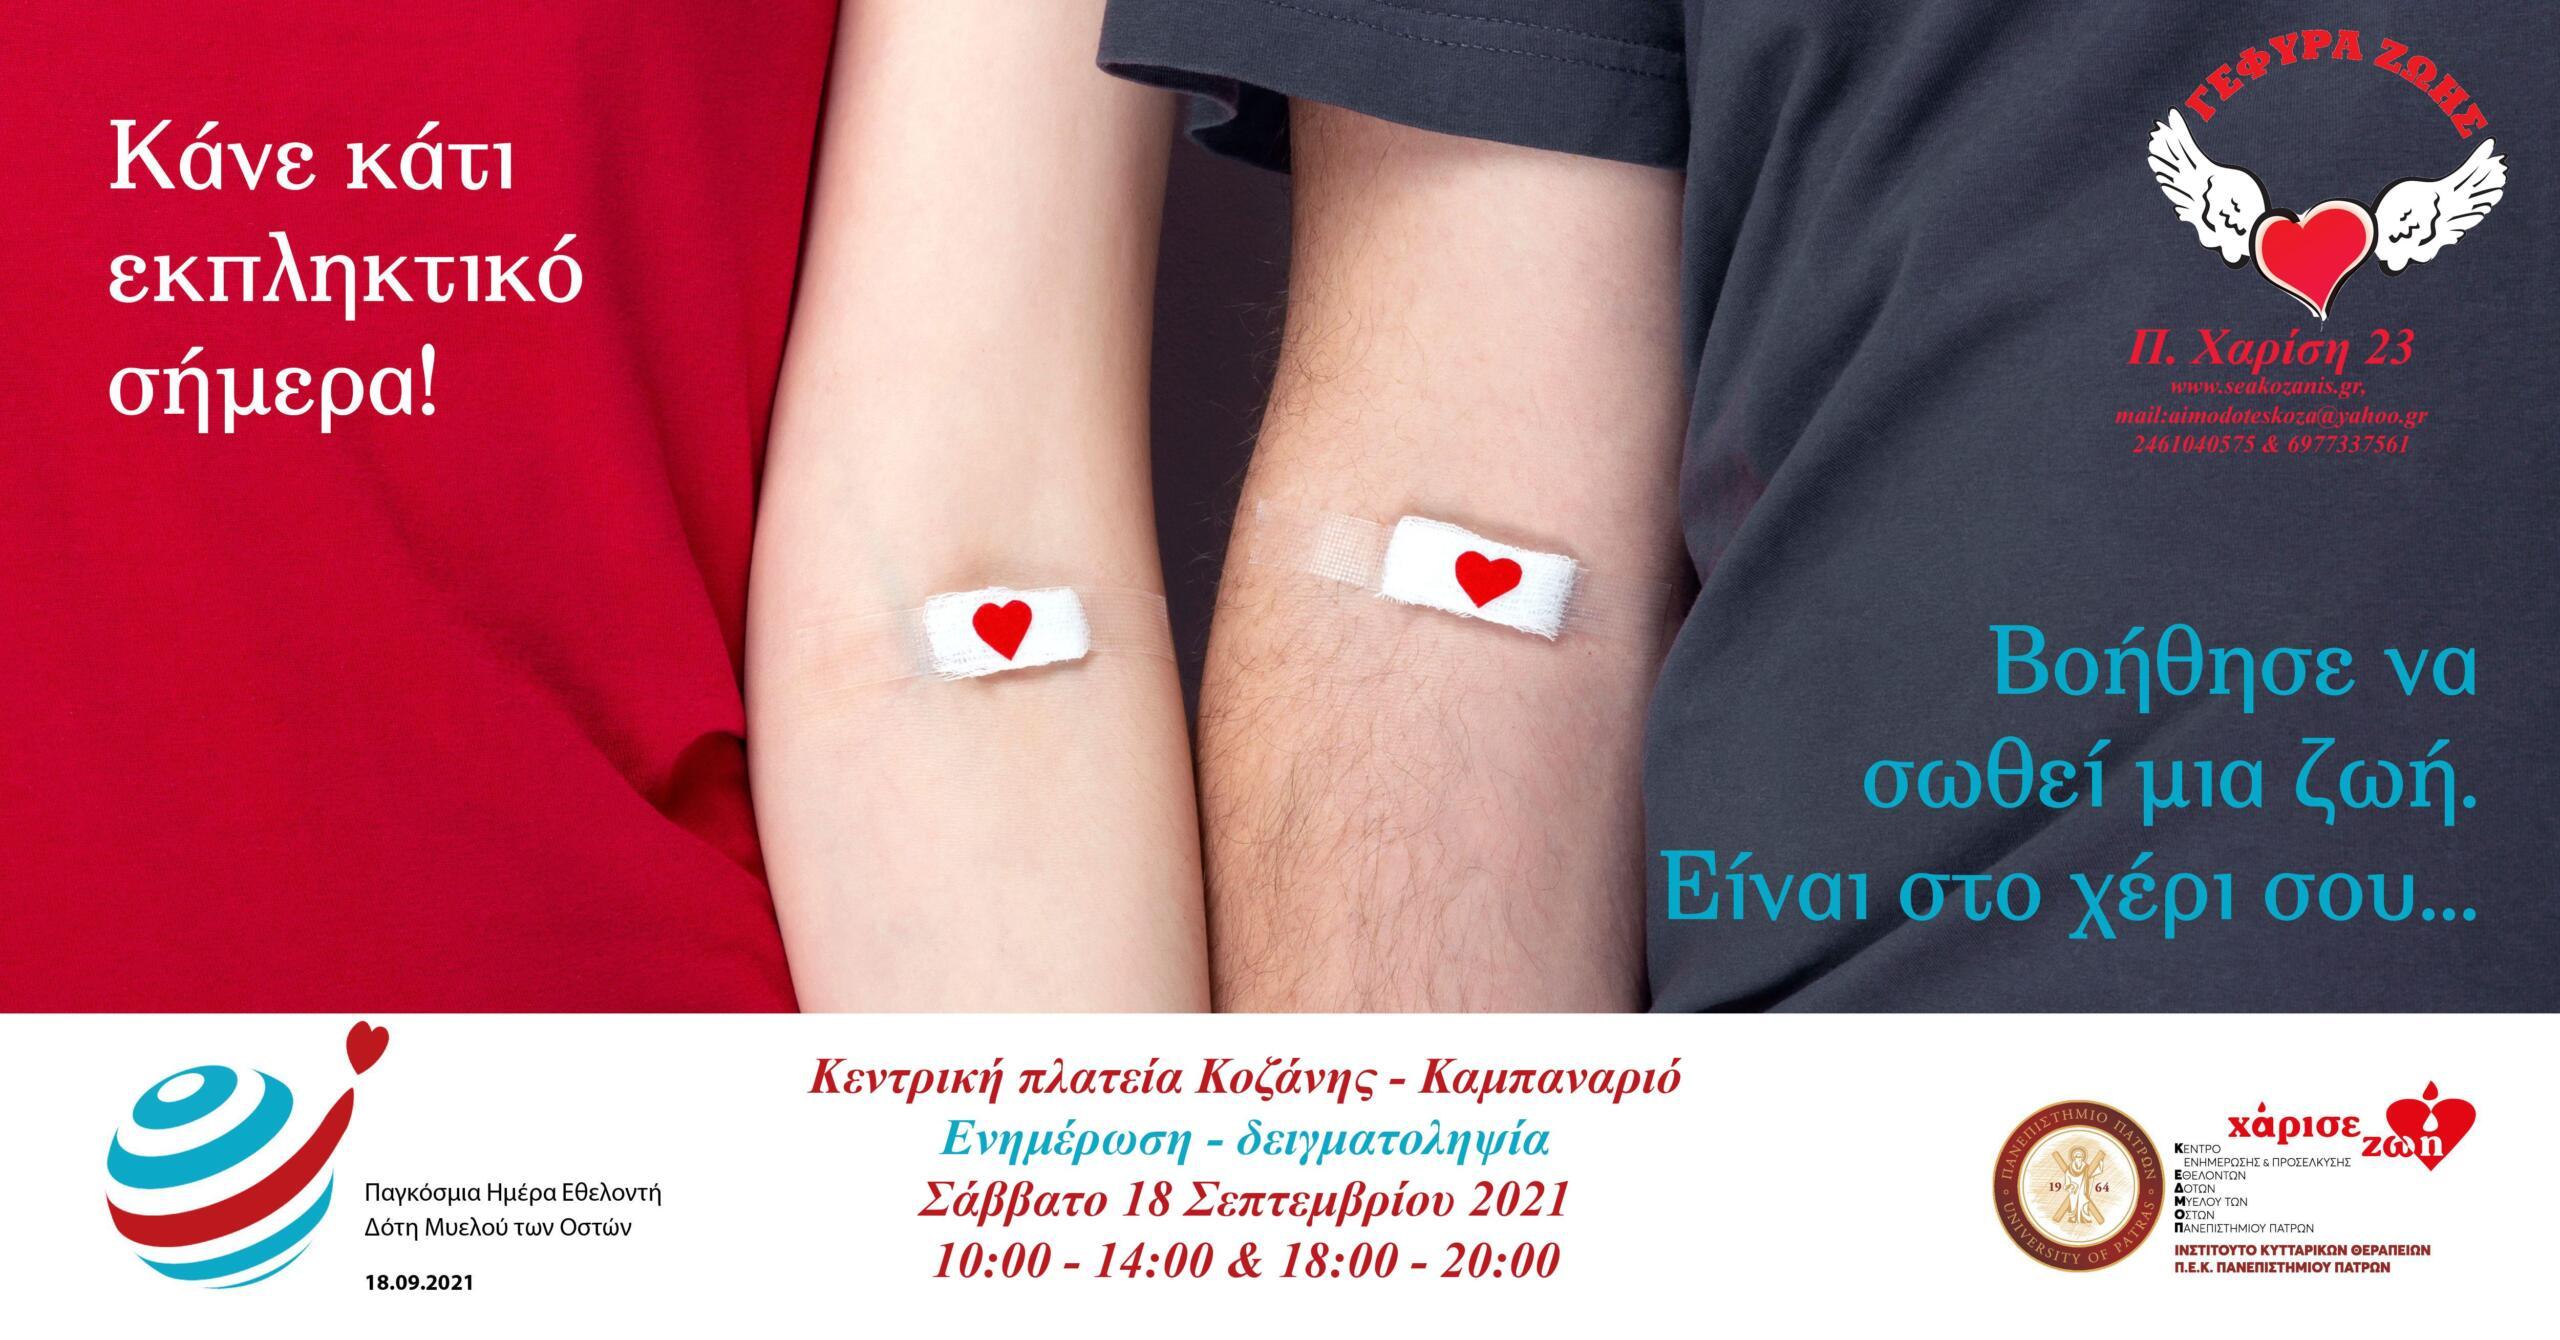 Παγκόσμια Ημέρα Δωρεάς Μυελού των Οστών. Γίνε εθελοντής δότης μυελού των οστών!